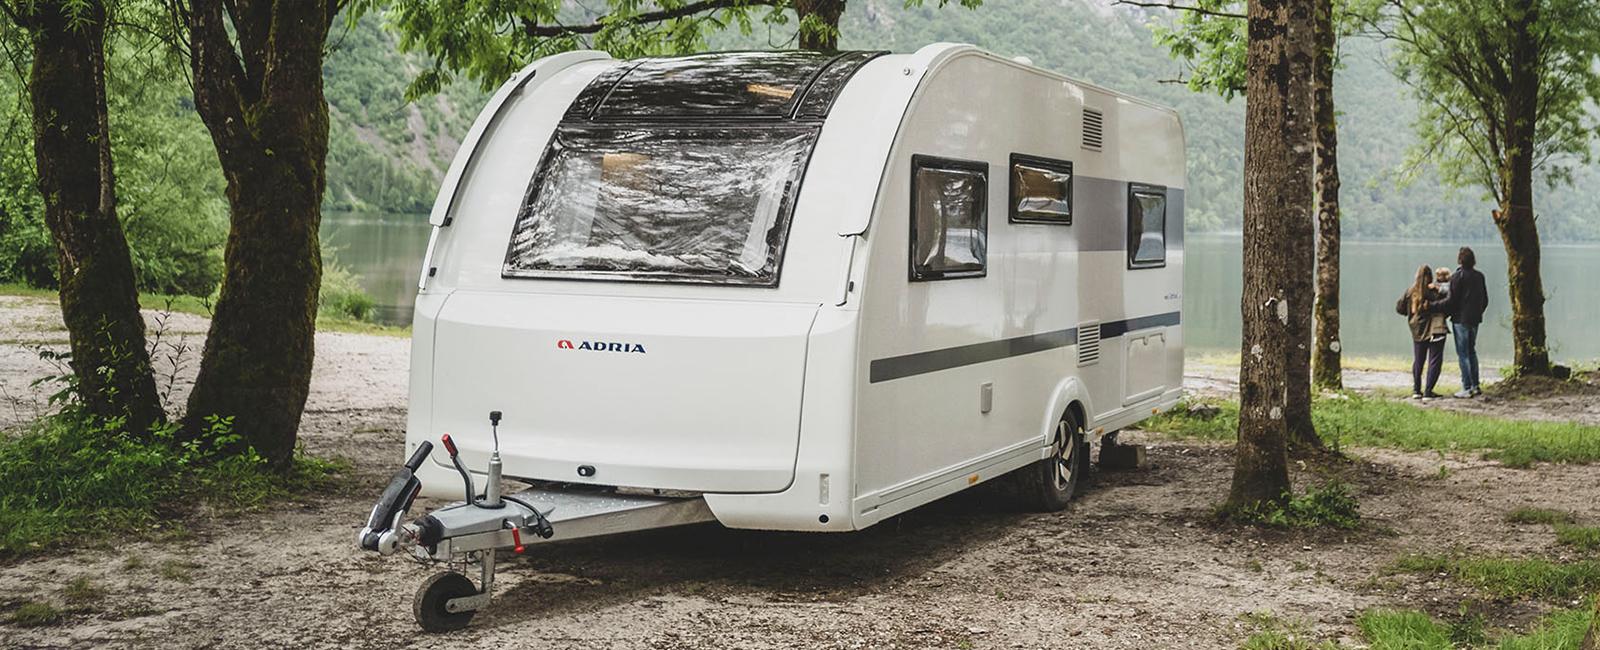 Wohnwagen Adria